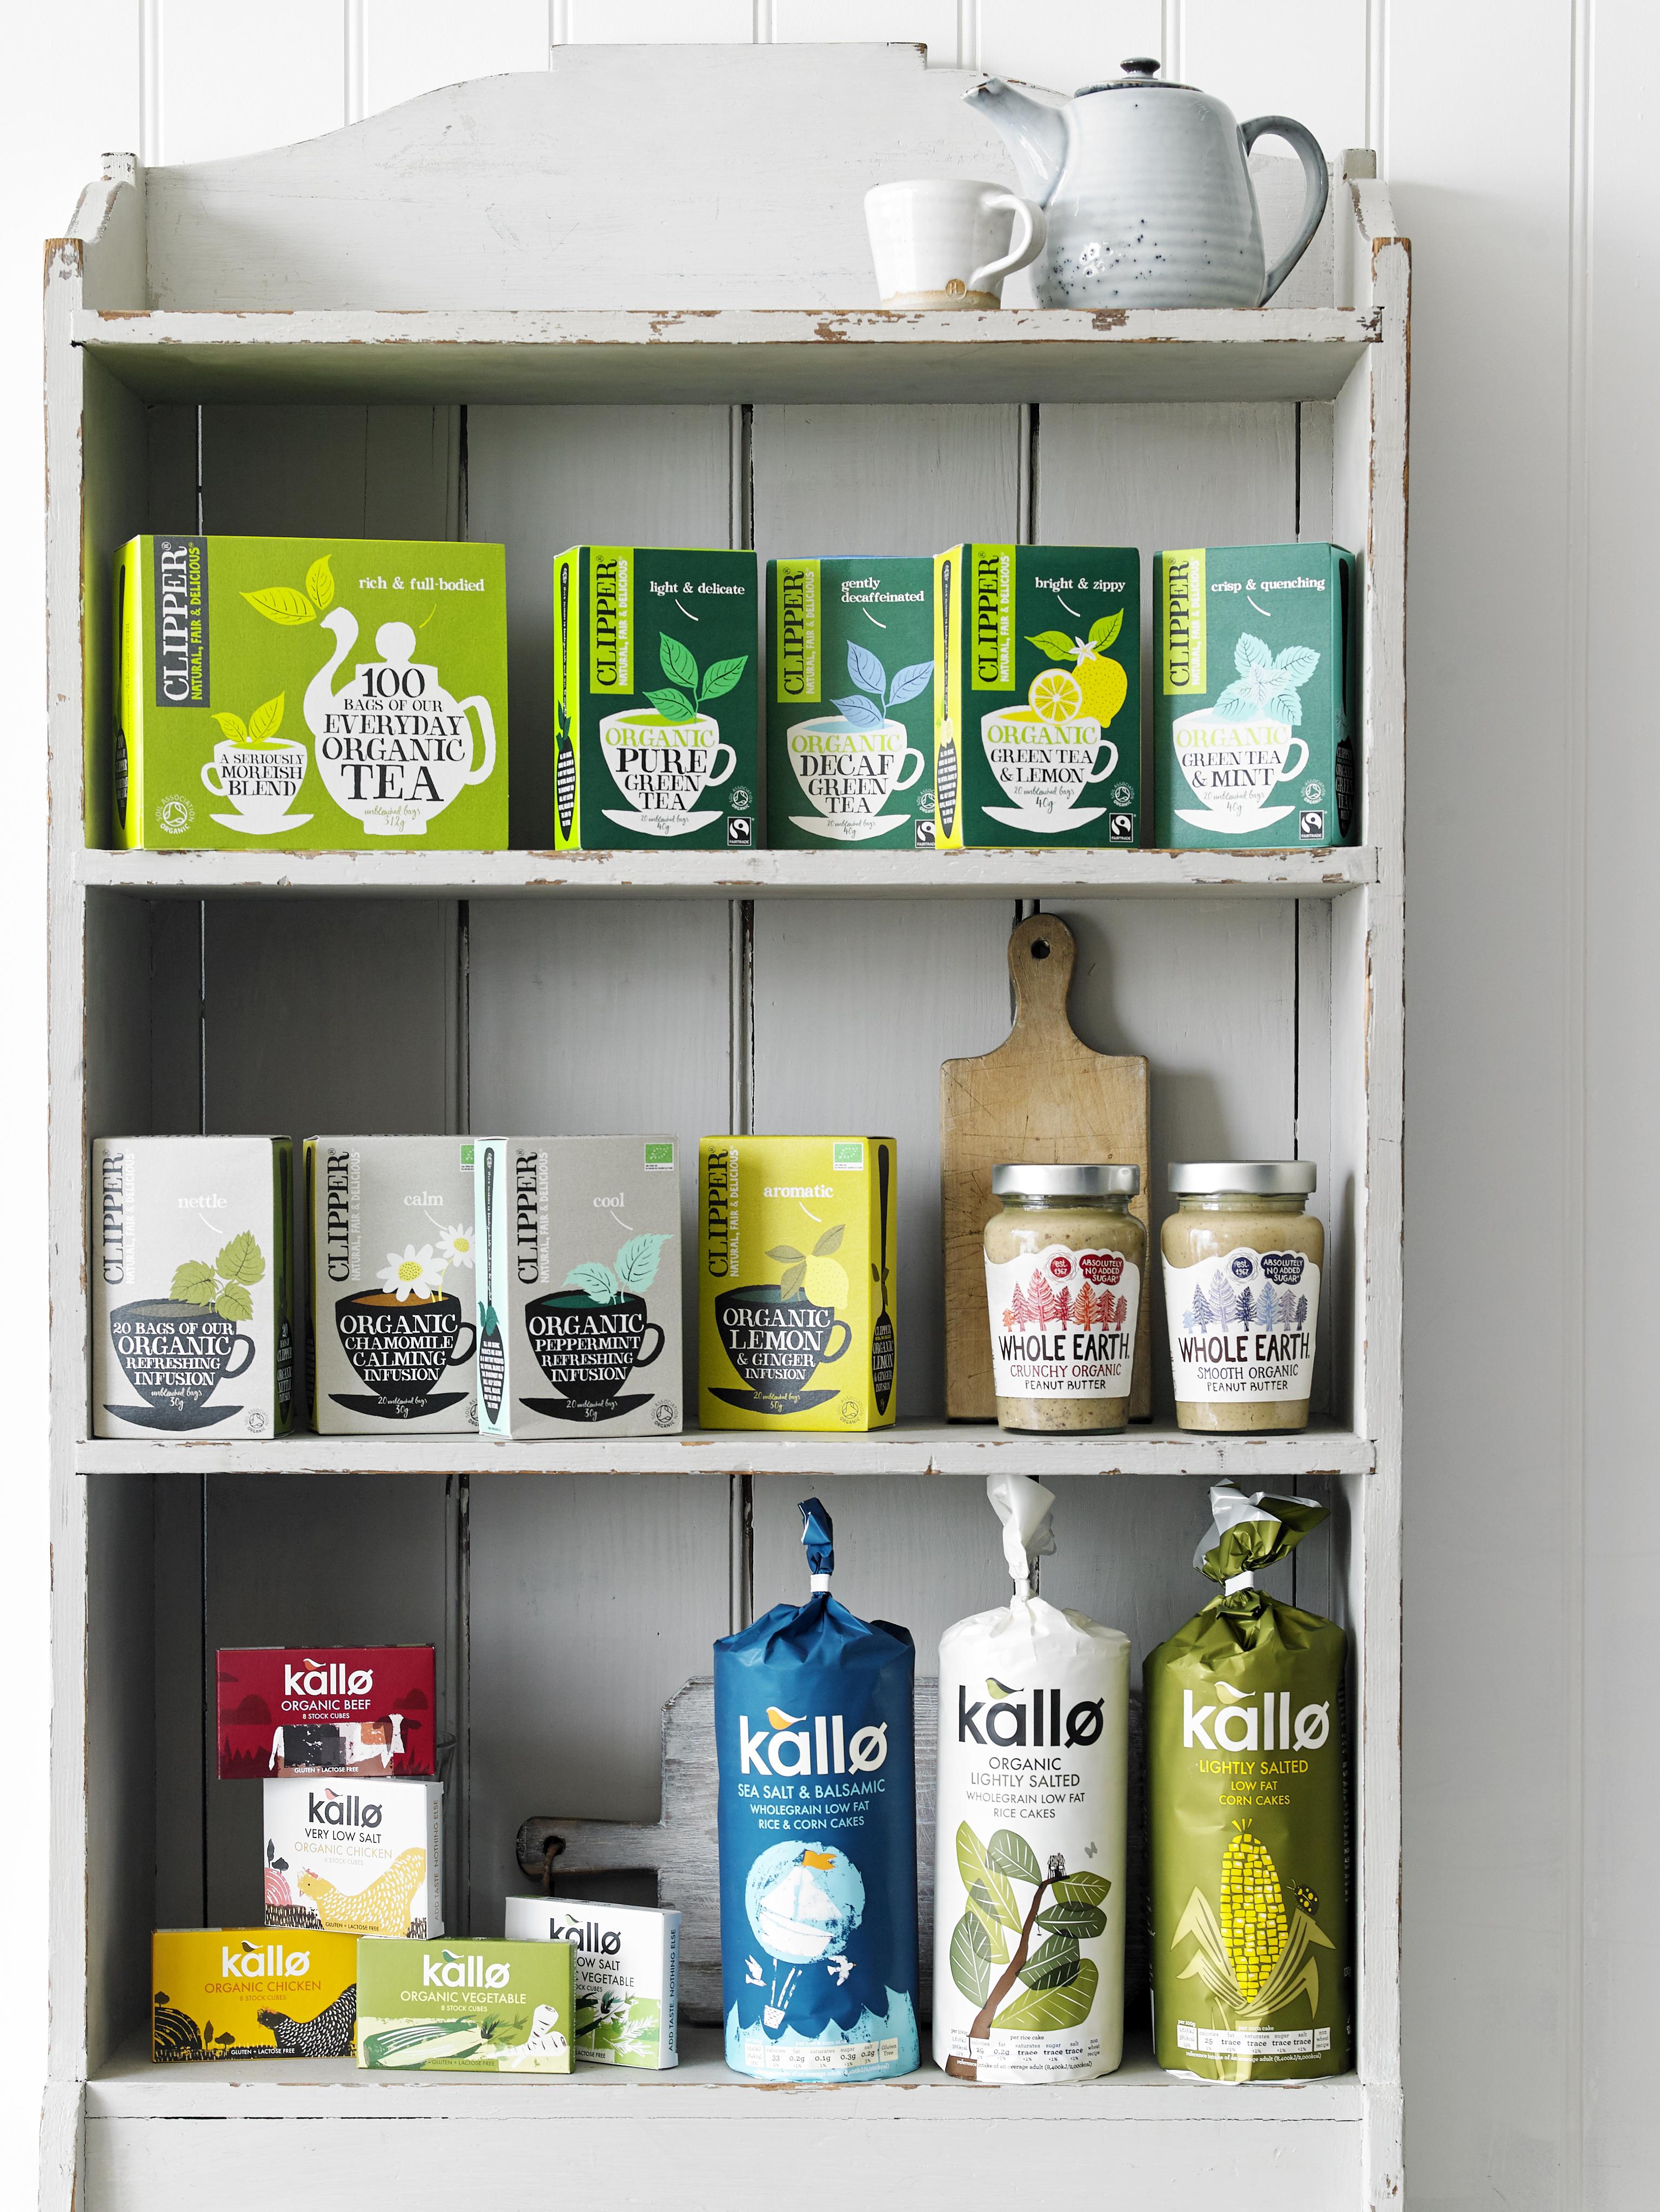 Wessanen UK - organic brands.jpg